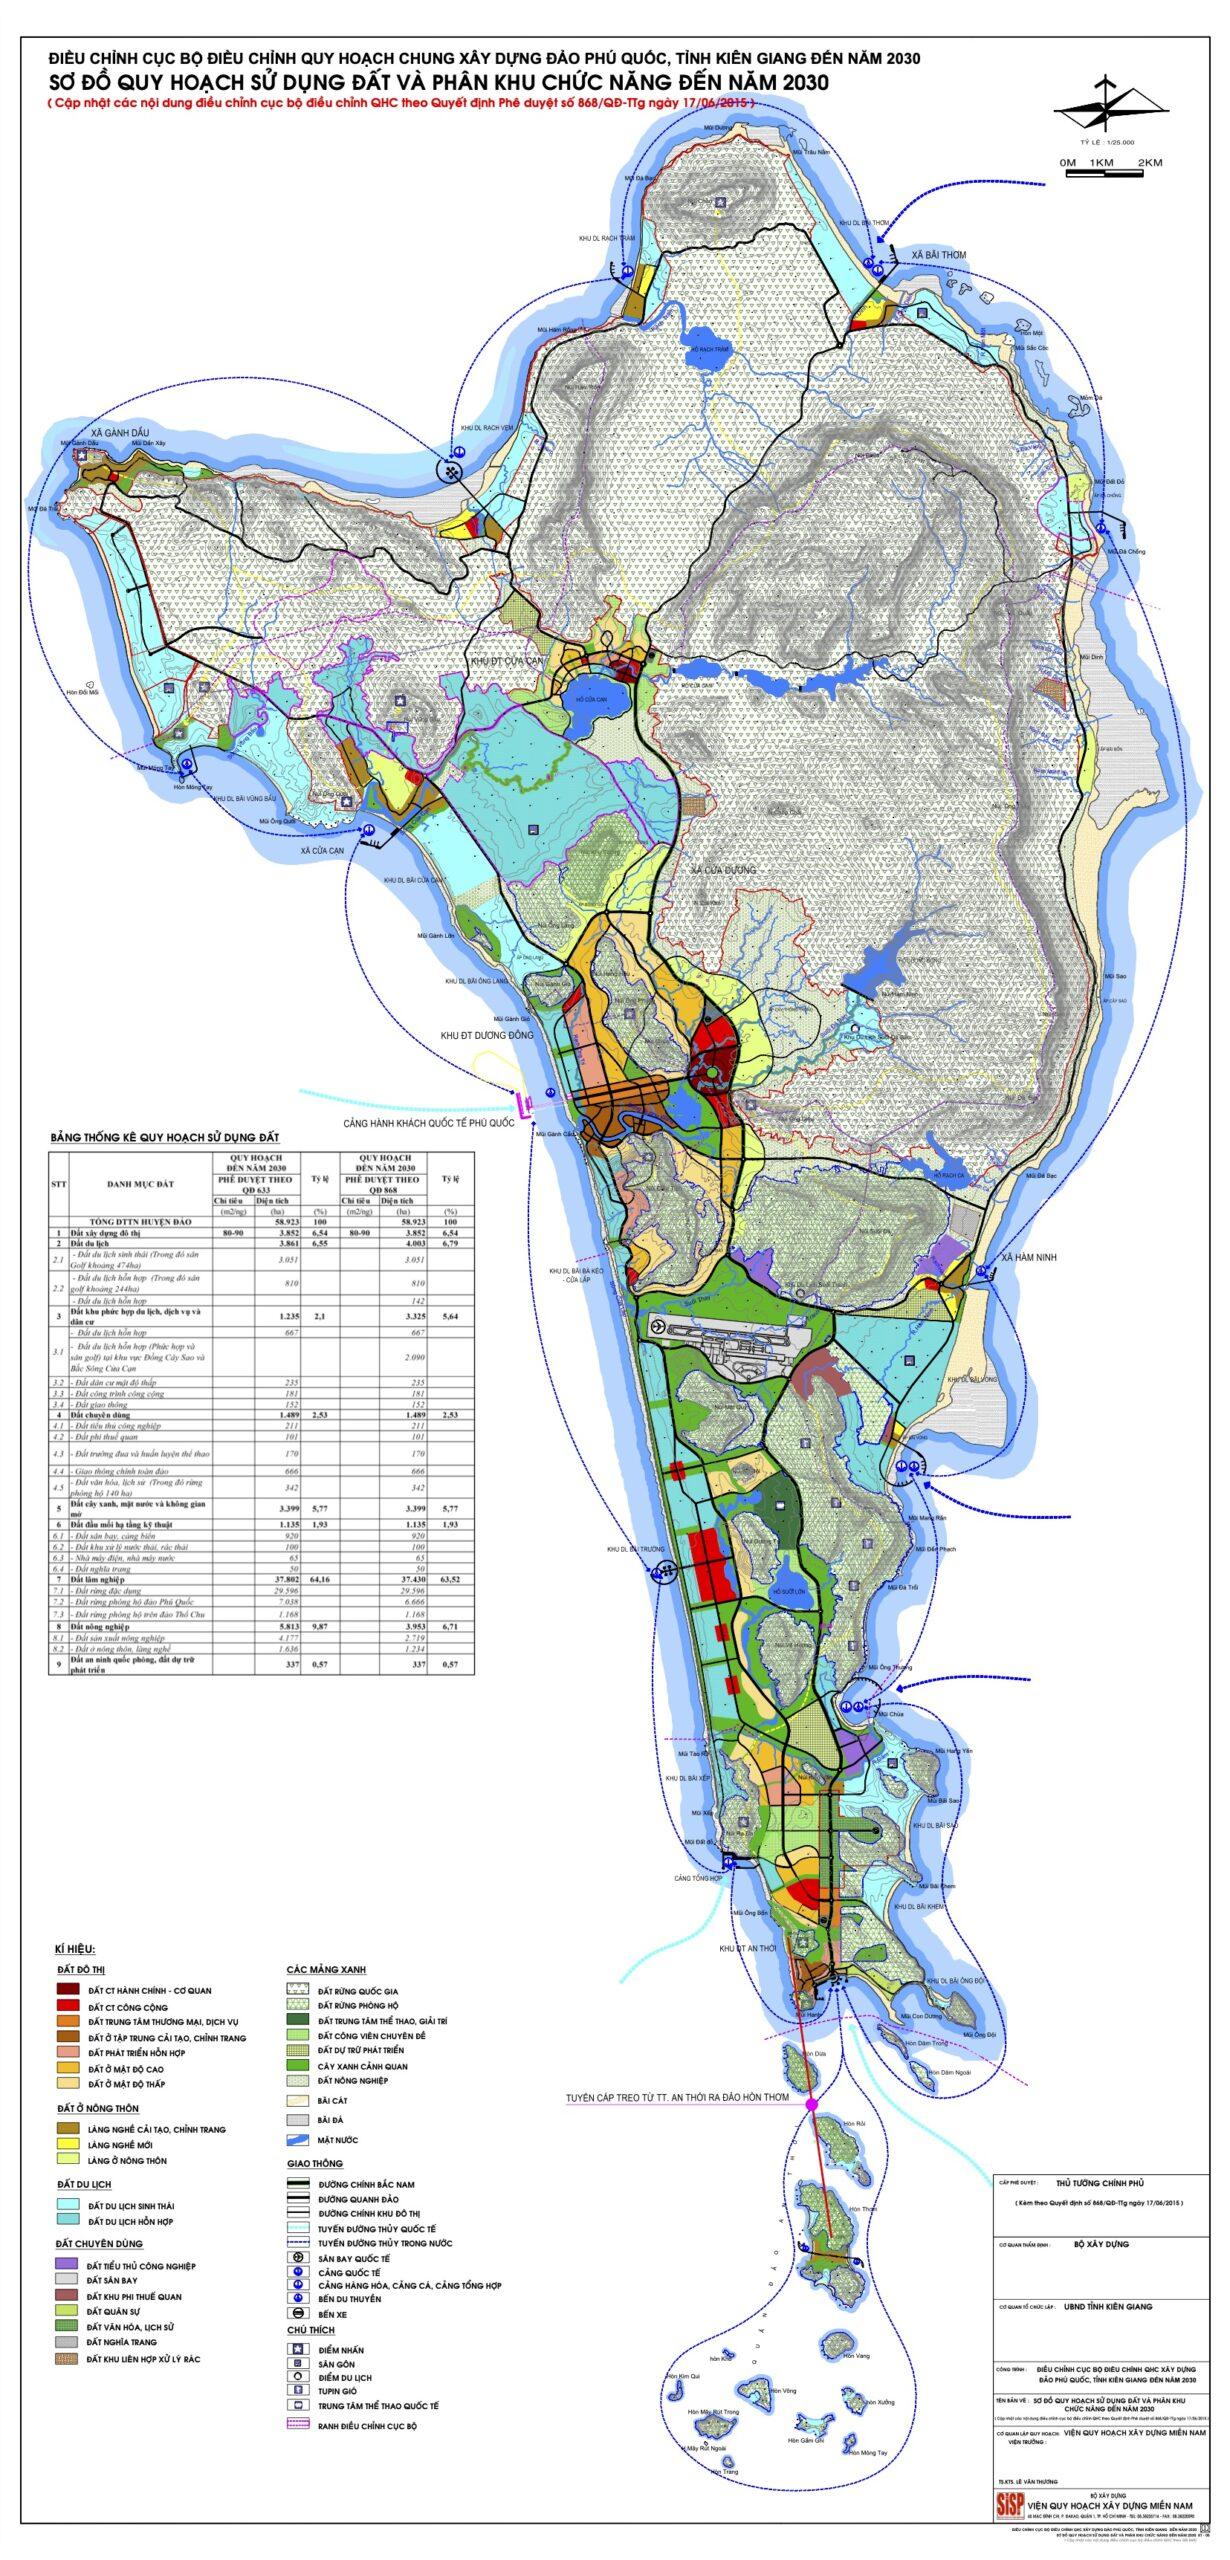 Bản đồ Quy hoạch Sử dụng đất theo 868 Phú Quốc